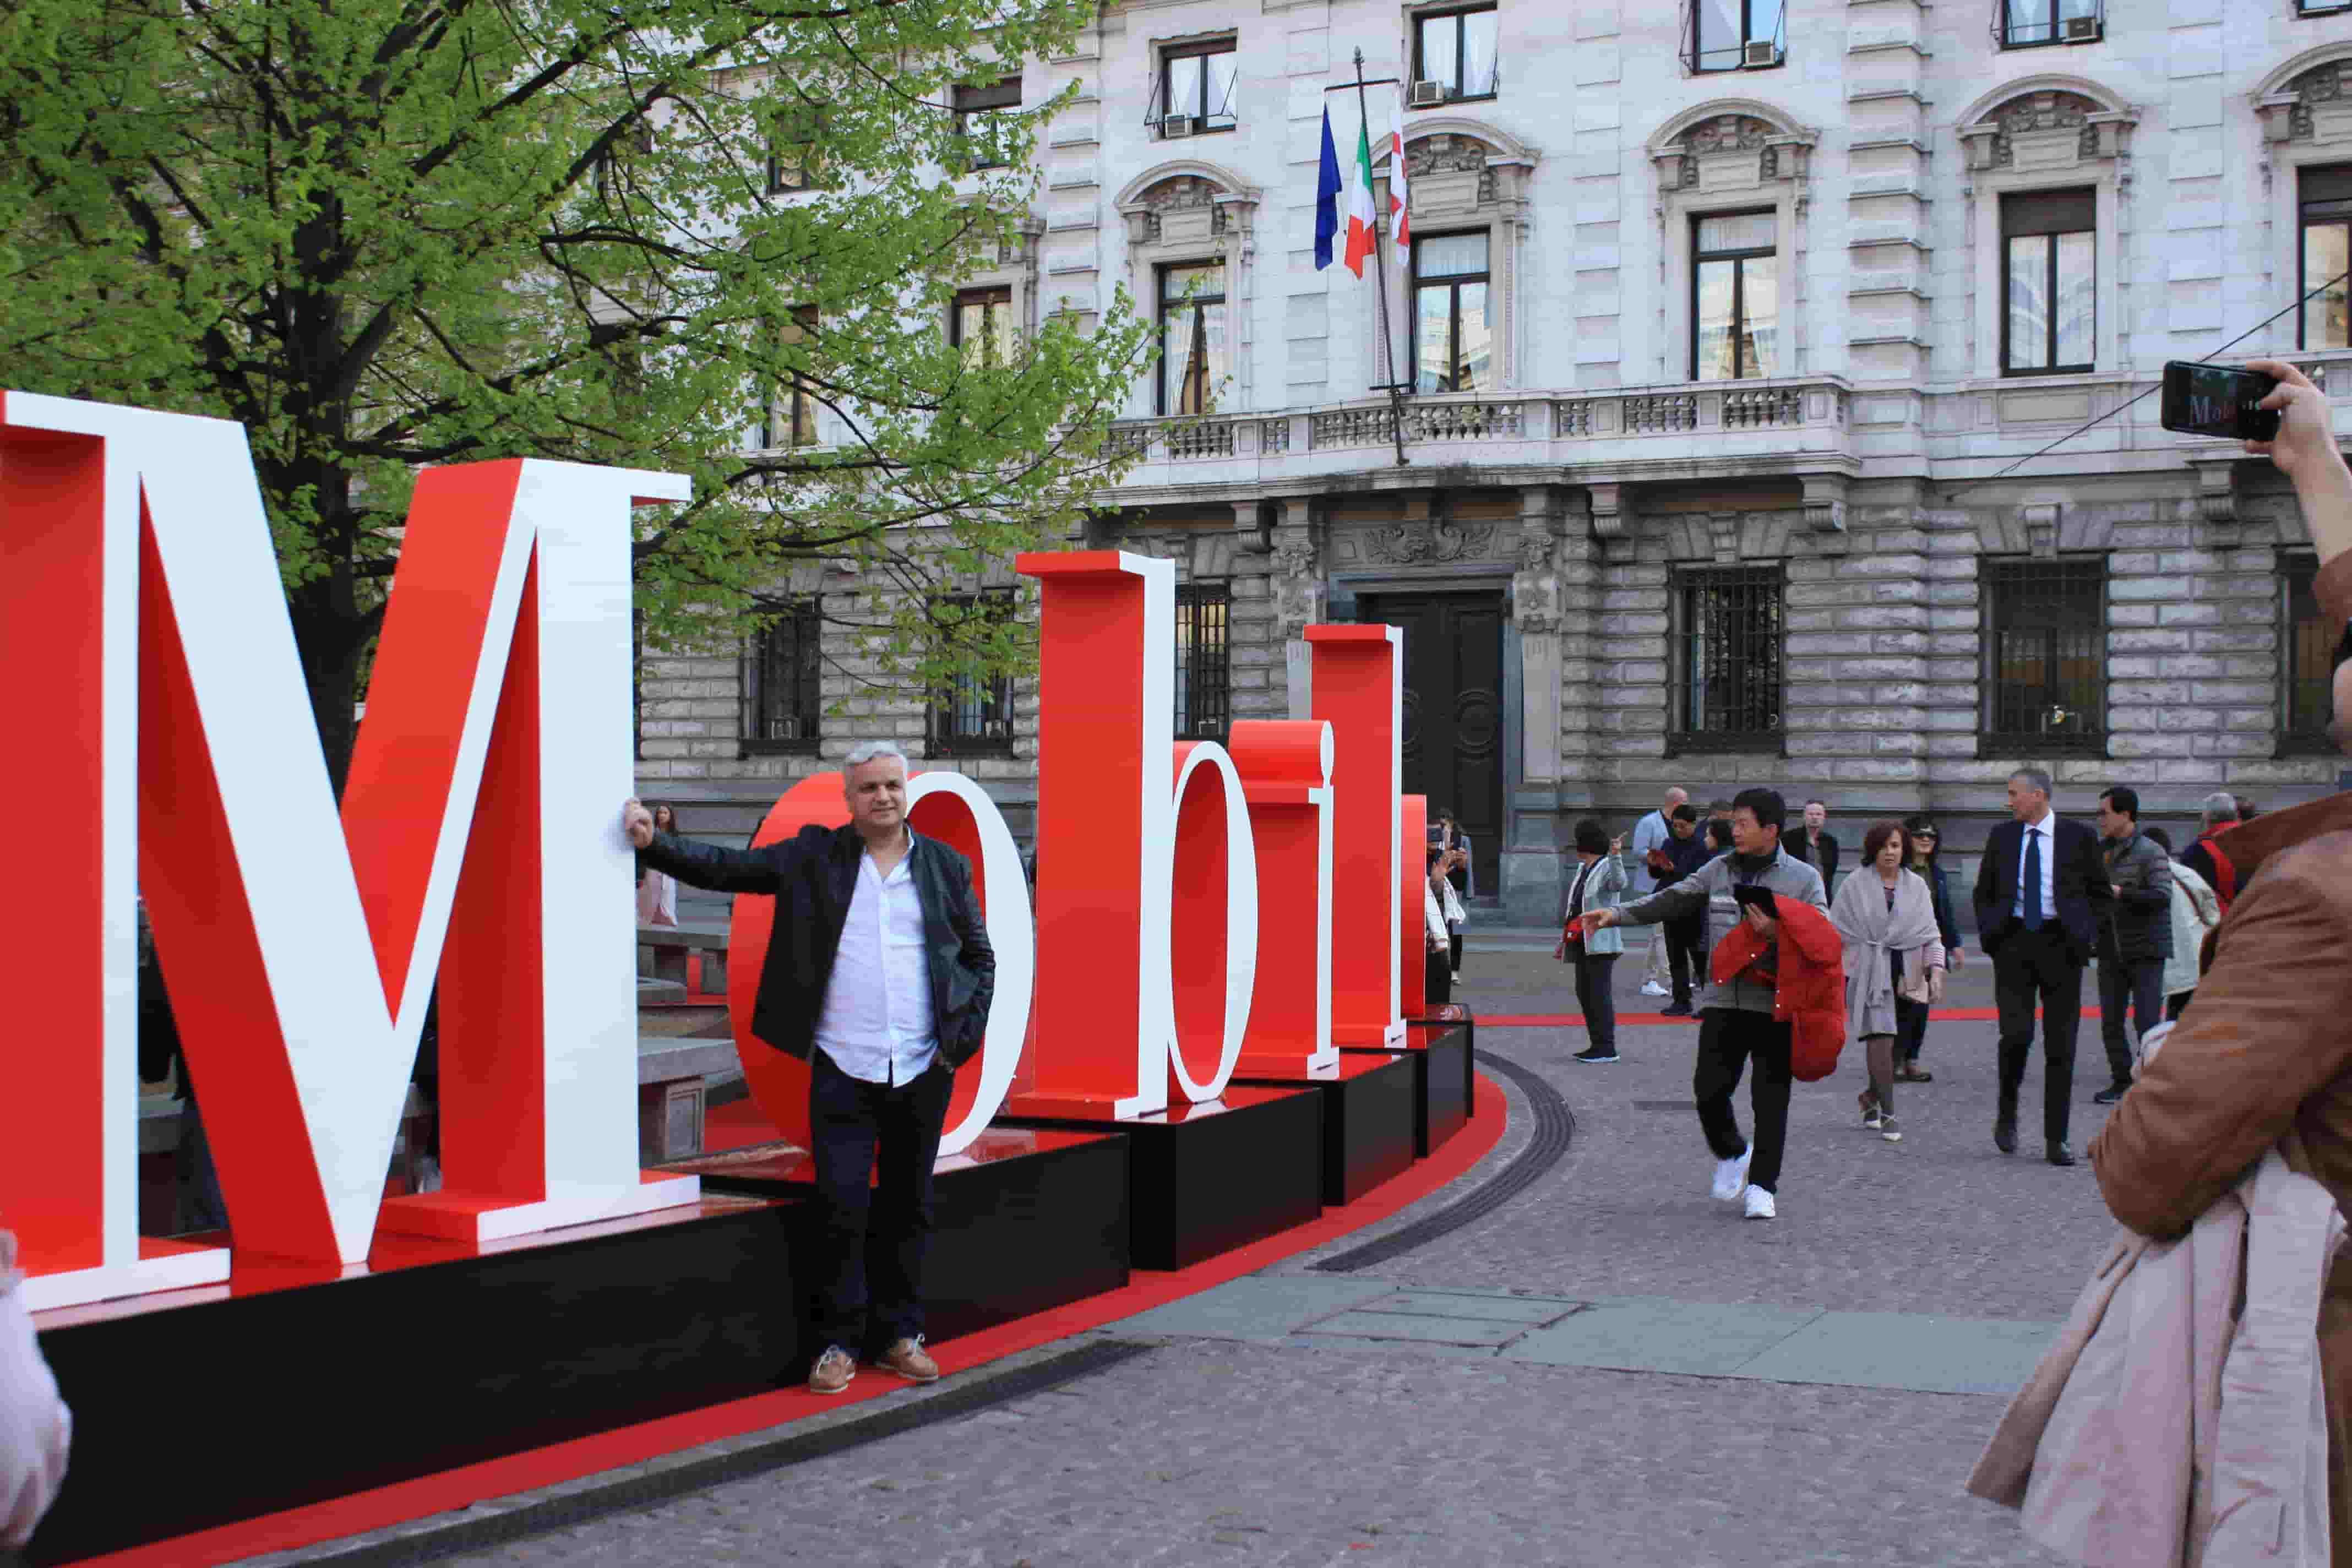 A Milano scoppia la Design Week 2019: ecco le anteprime che abbiamo visto